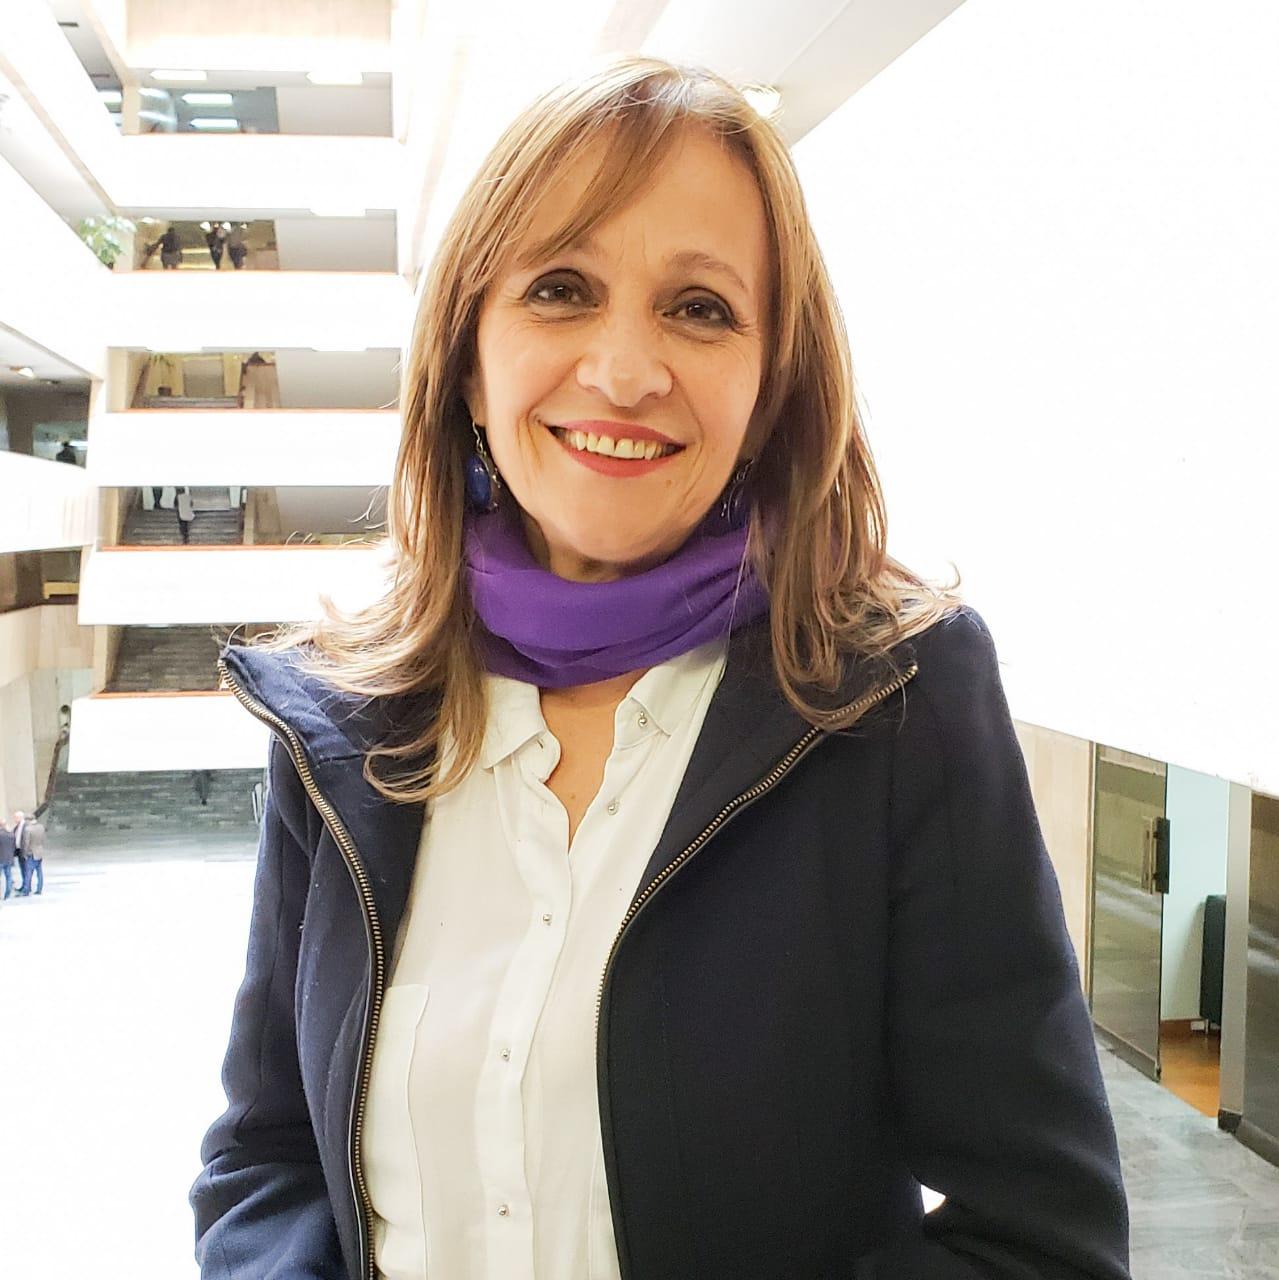 Angelica Cepeda Ángela robledo - wikipedia, la enciclopedia libre